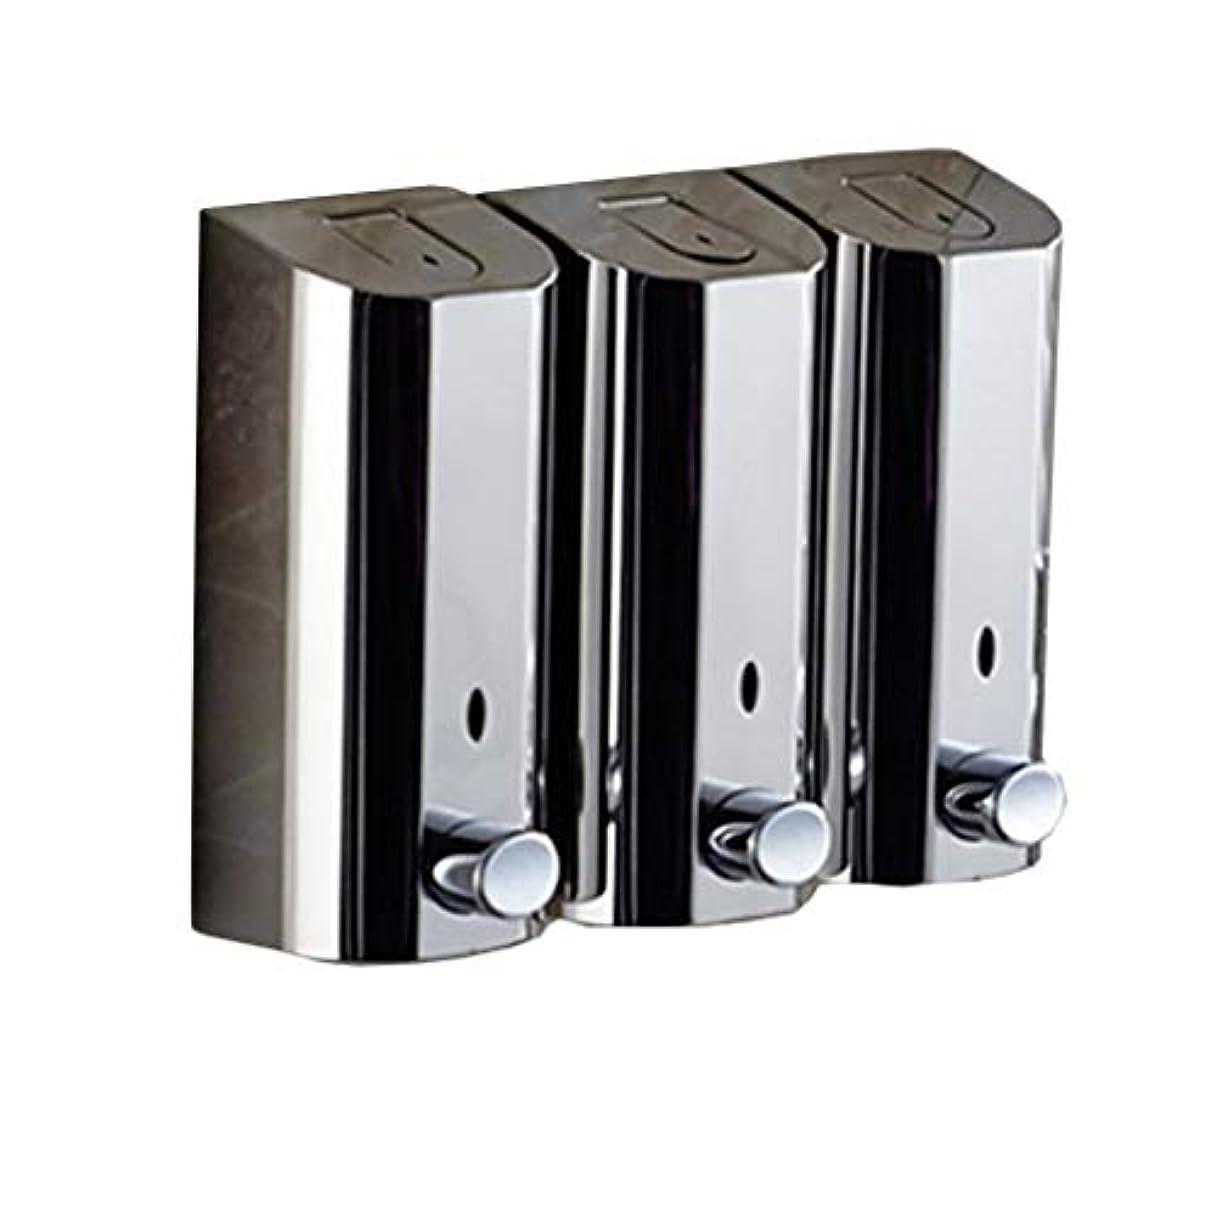 求めるブリーク属性Kylinssh タッチレスソープディスペンサー、500 ml * 3自動液体ディスペンサー、防水、漏れ防止、タッチレスソープディスペンサー、キッチン、バスルーム